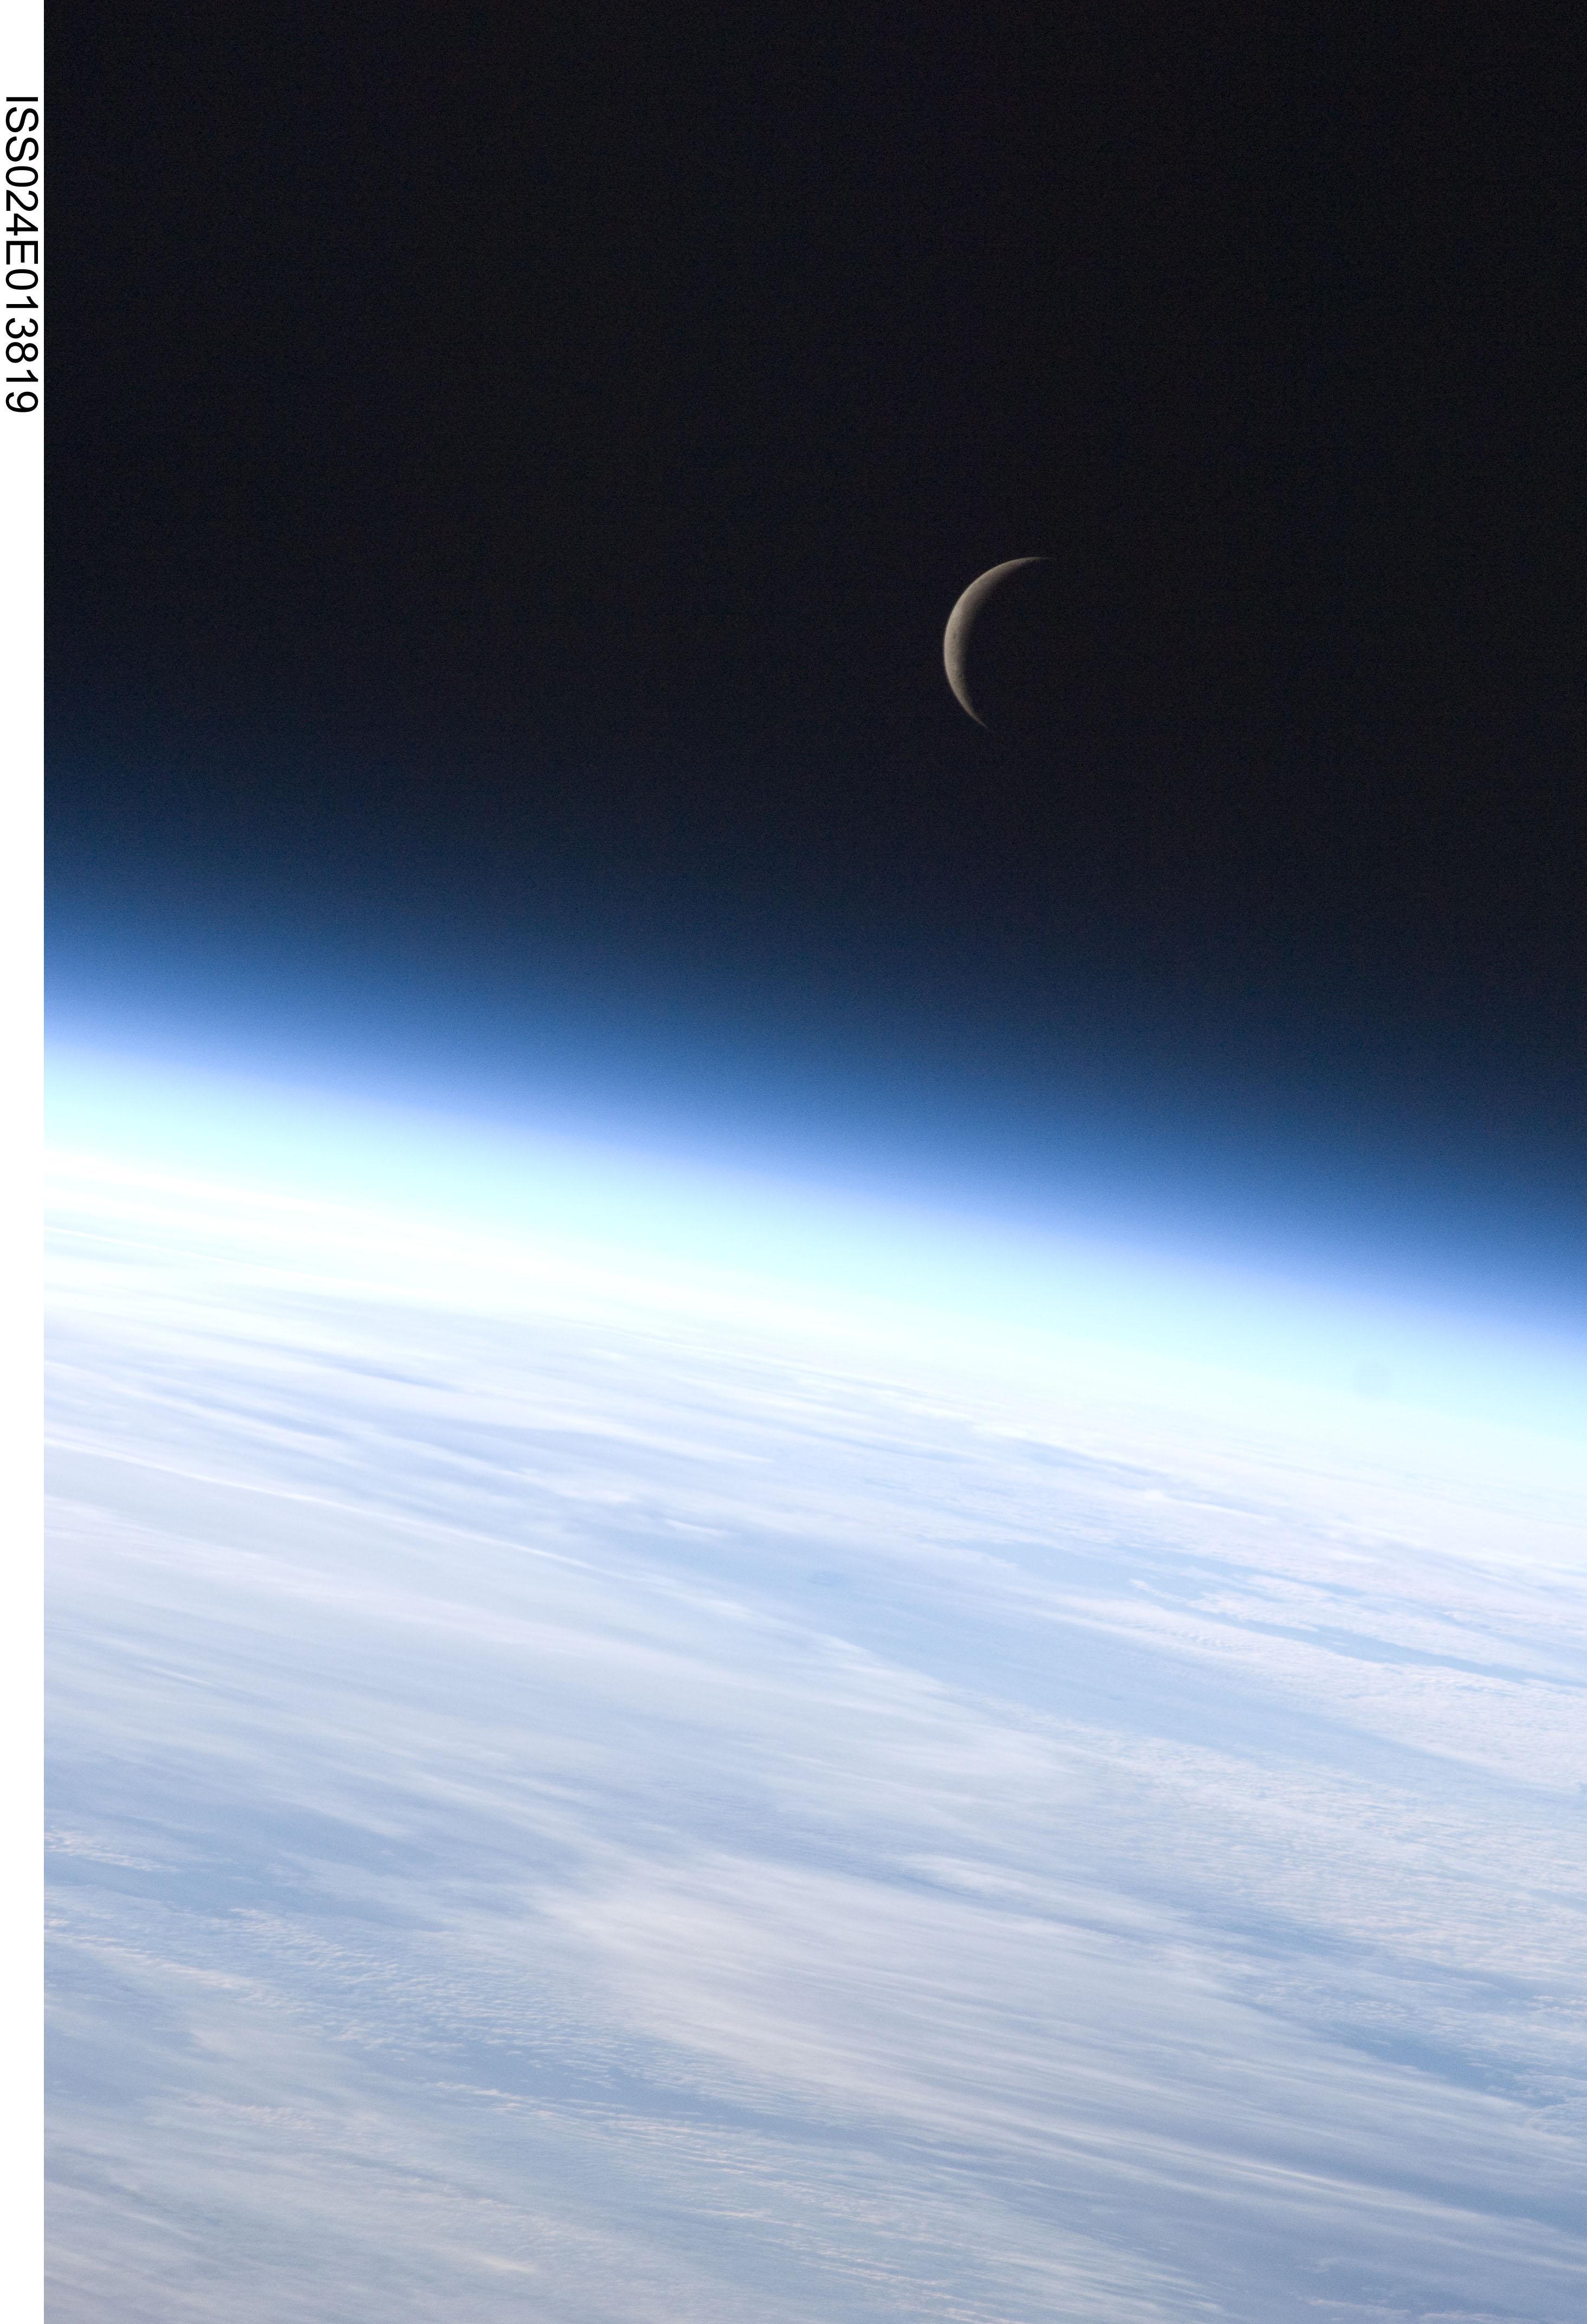 NASA - Crescent Moon